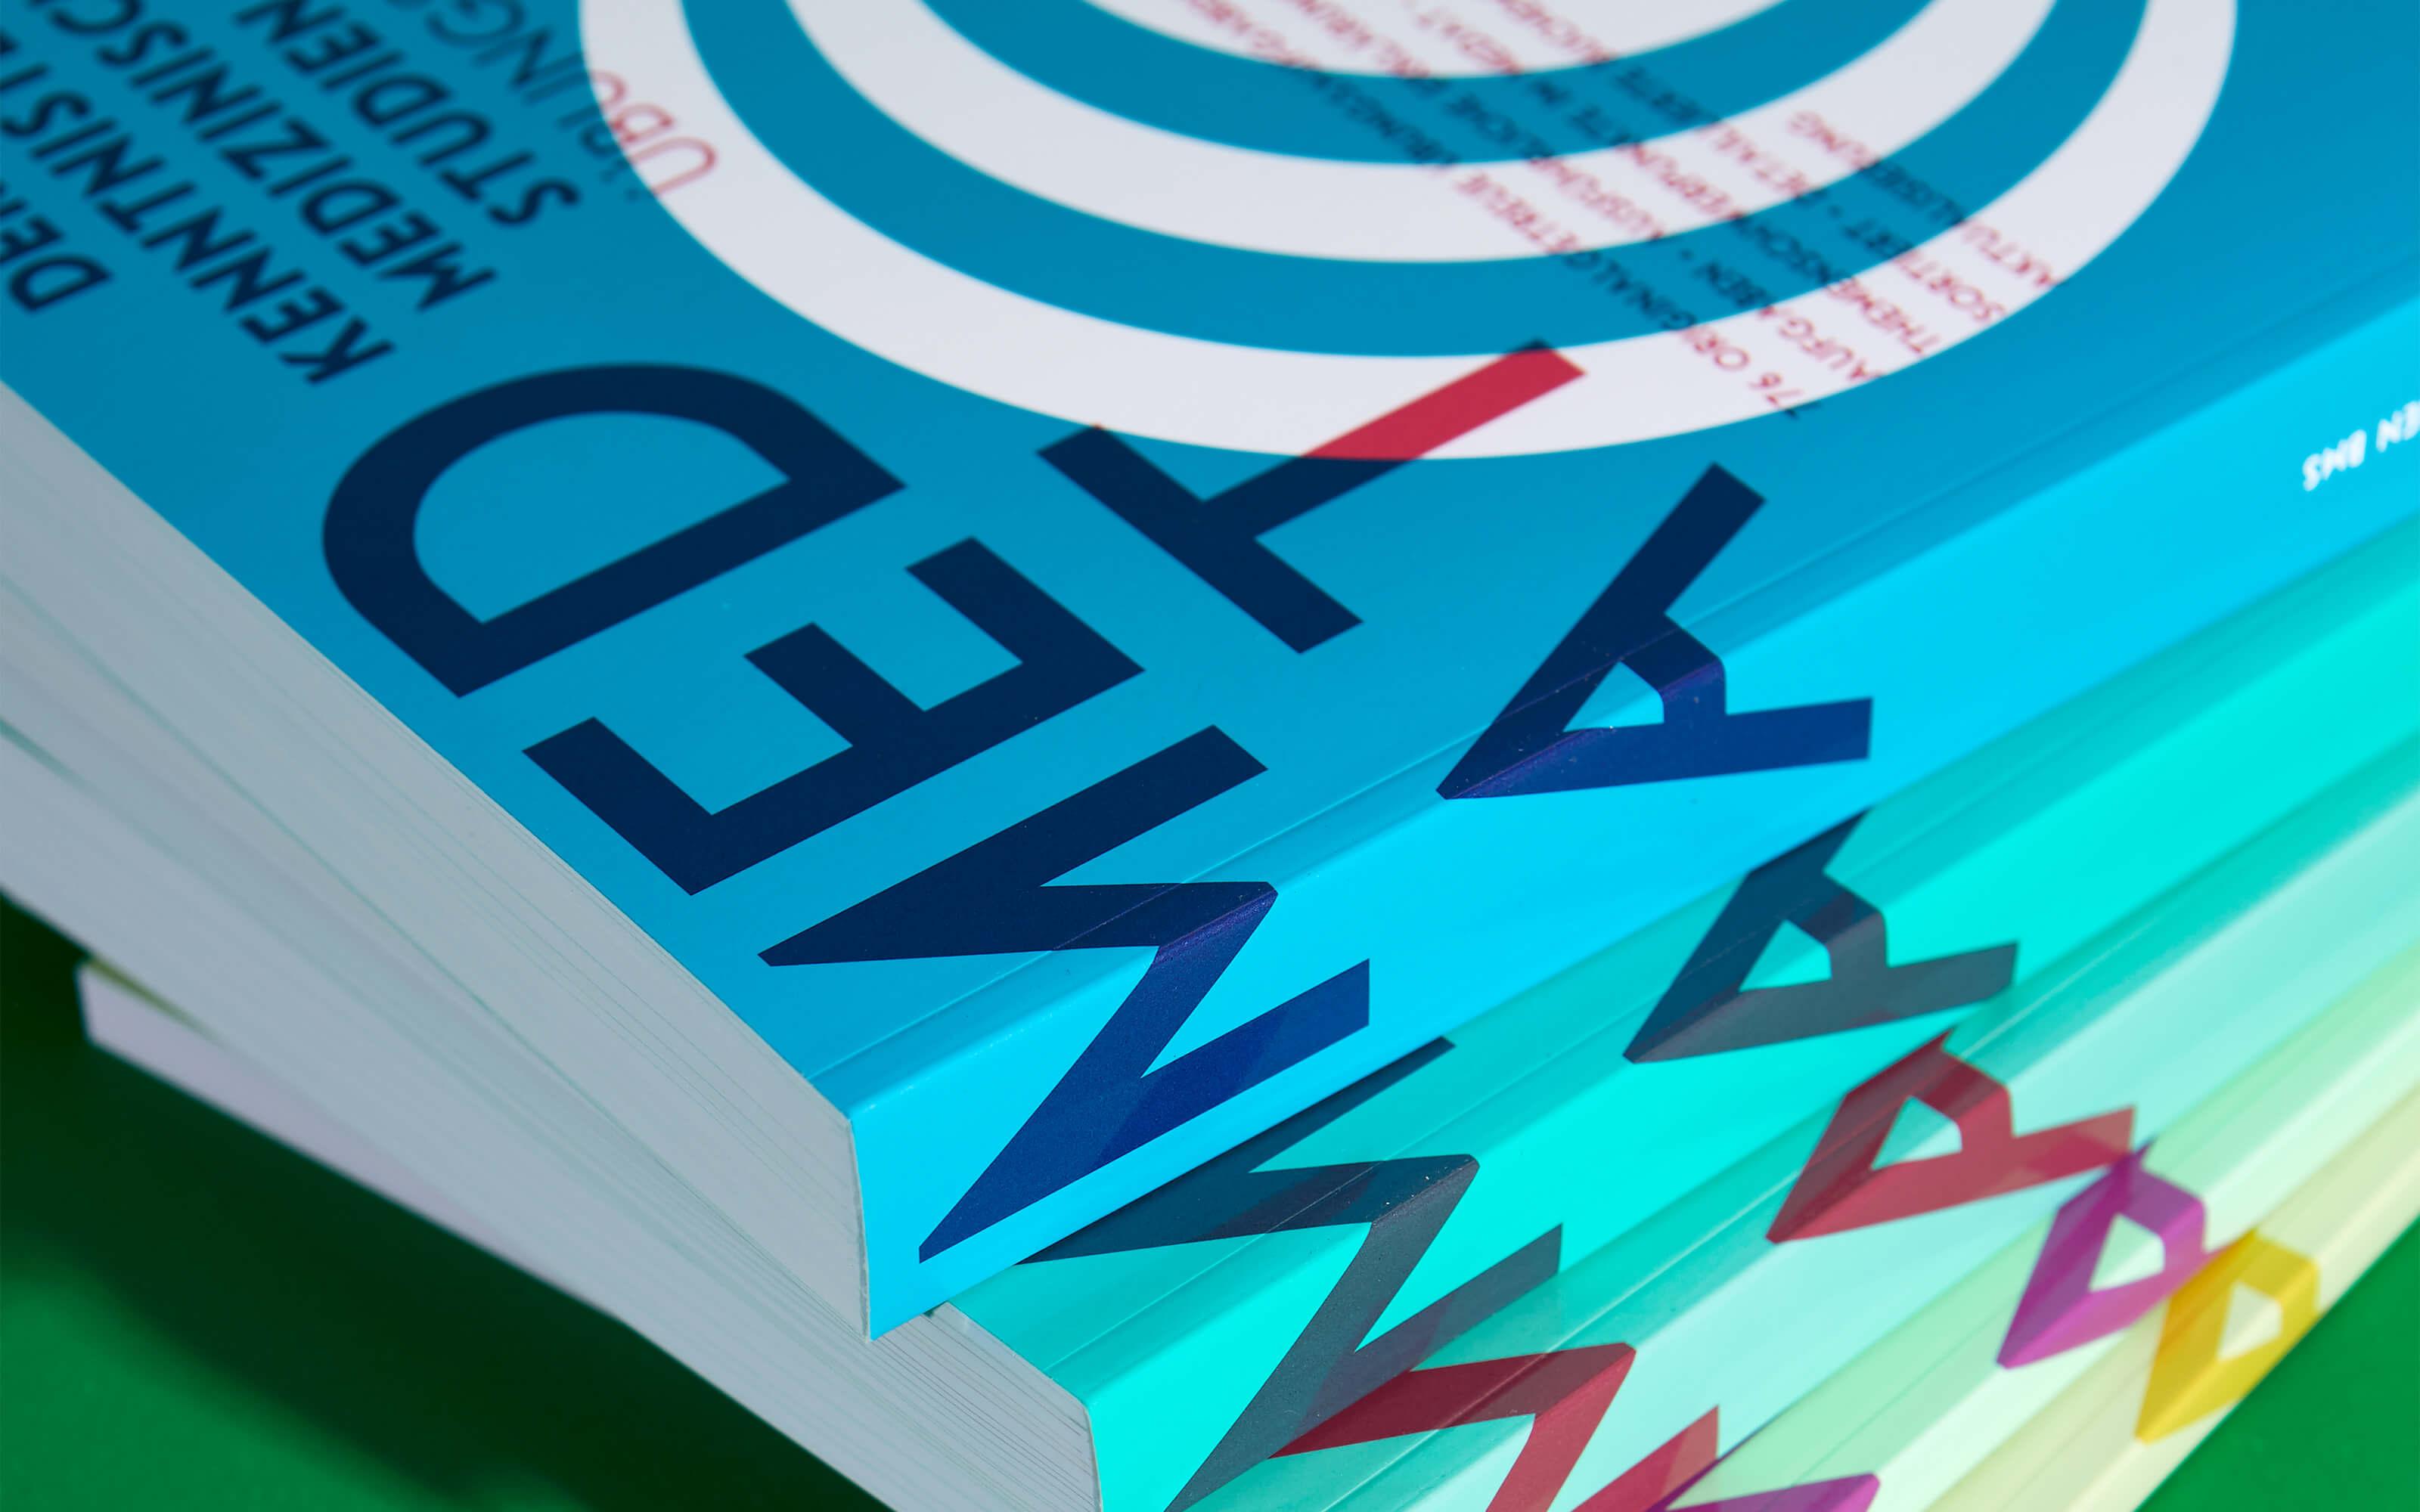 Farben der Buchreihe